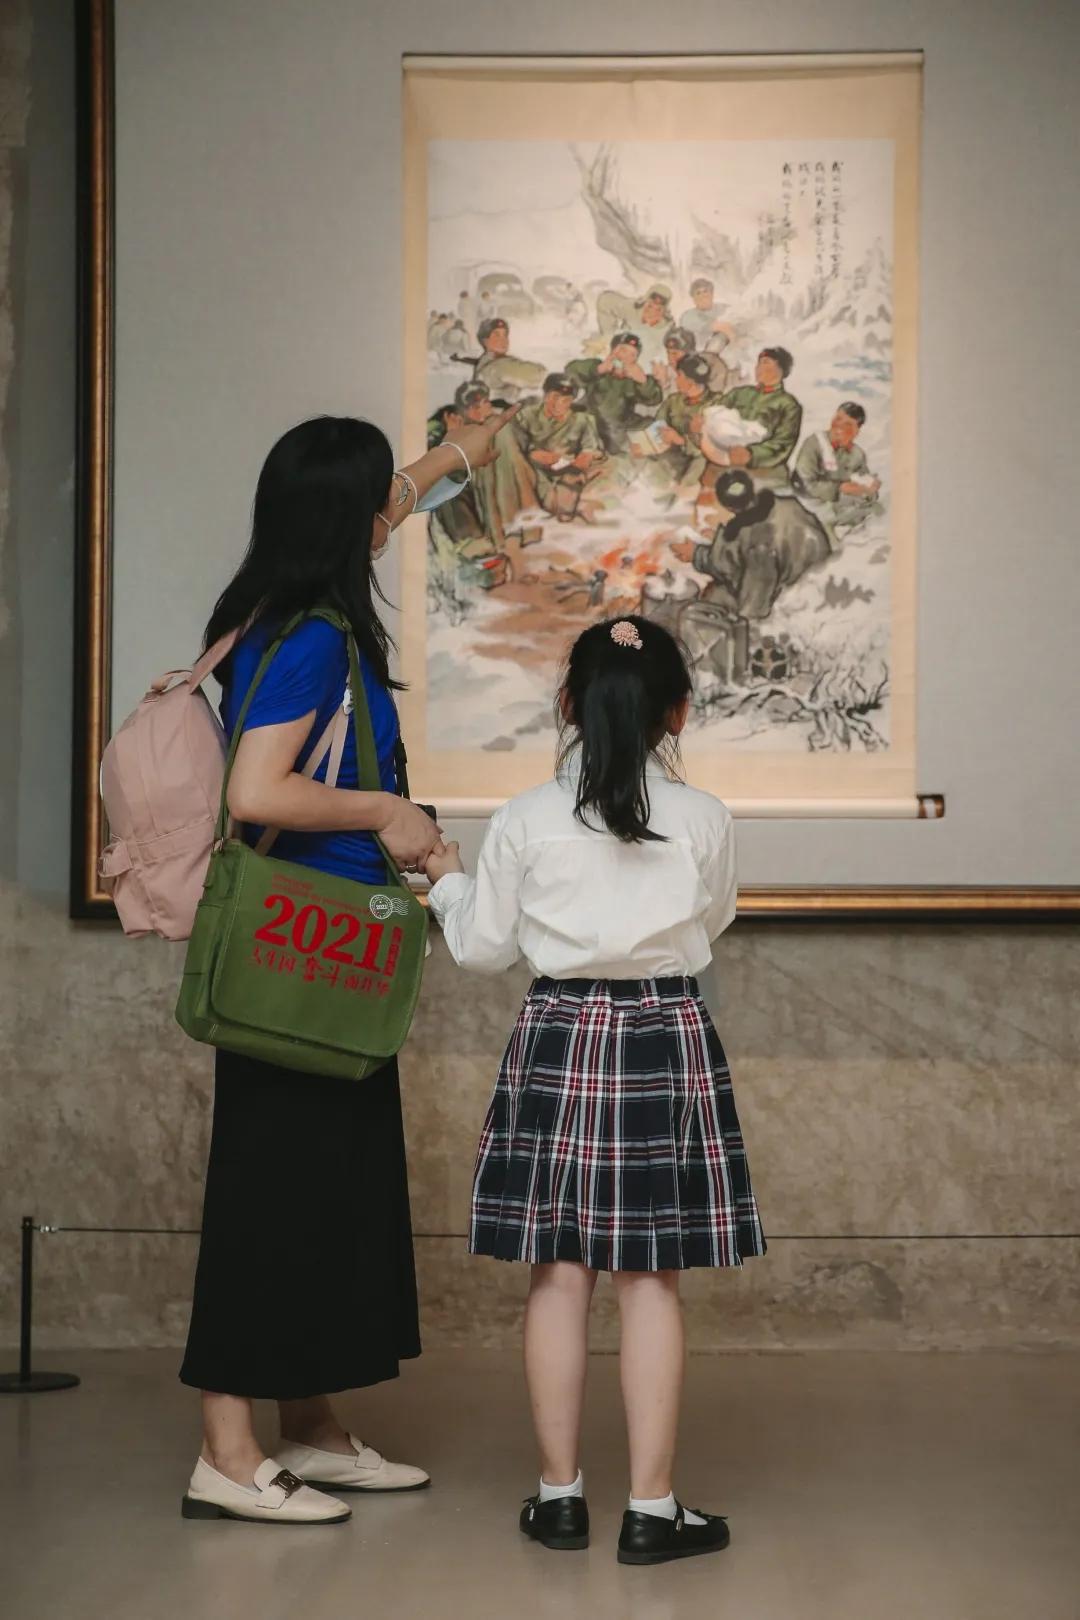 【要闻】金江波:赋予艺术展红色艺术课堂教育功能2.jpg